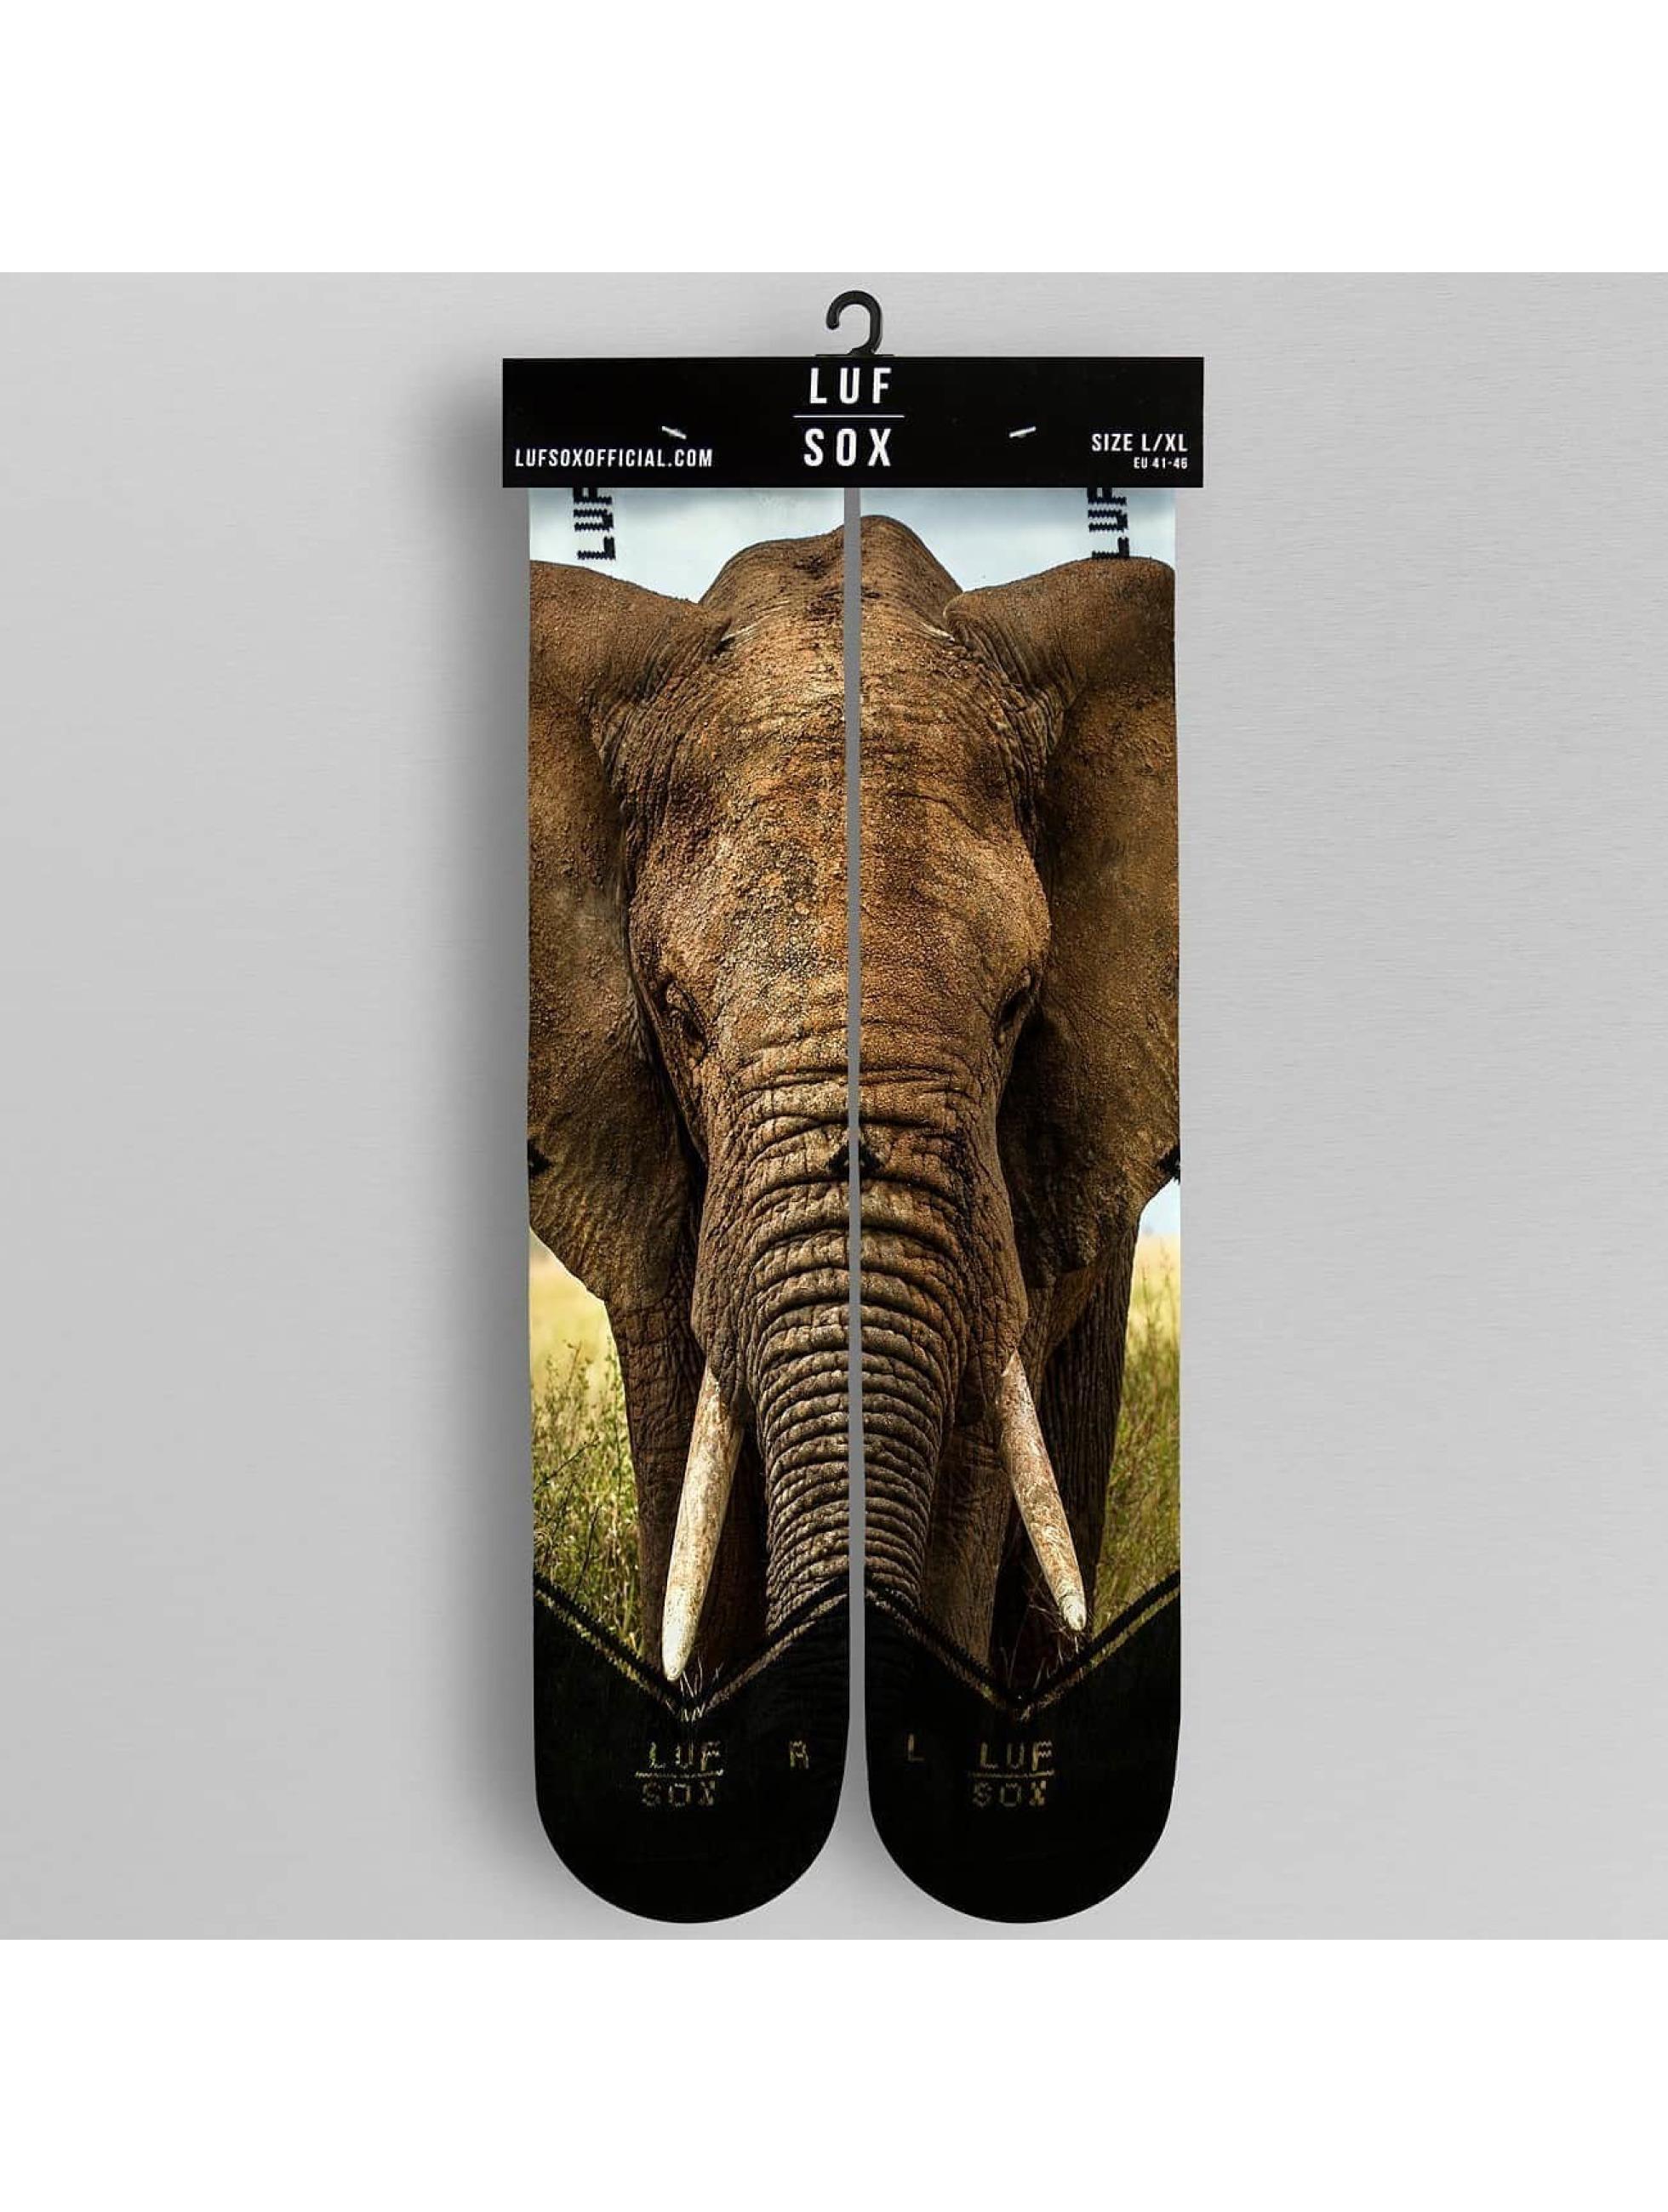 LUF SOX Strømper Elephant mangefarvet